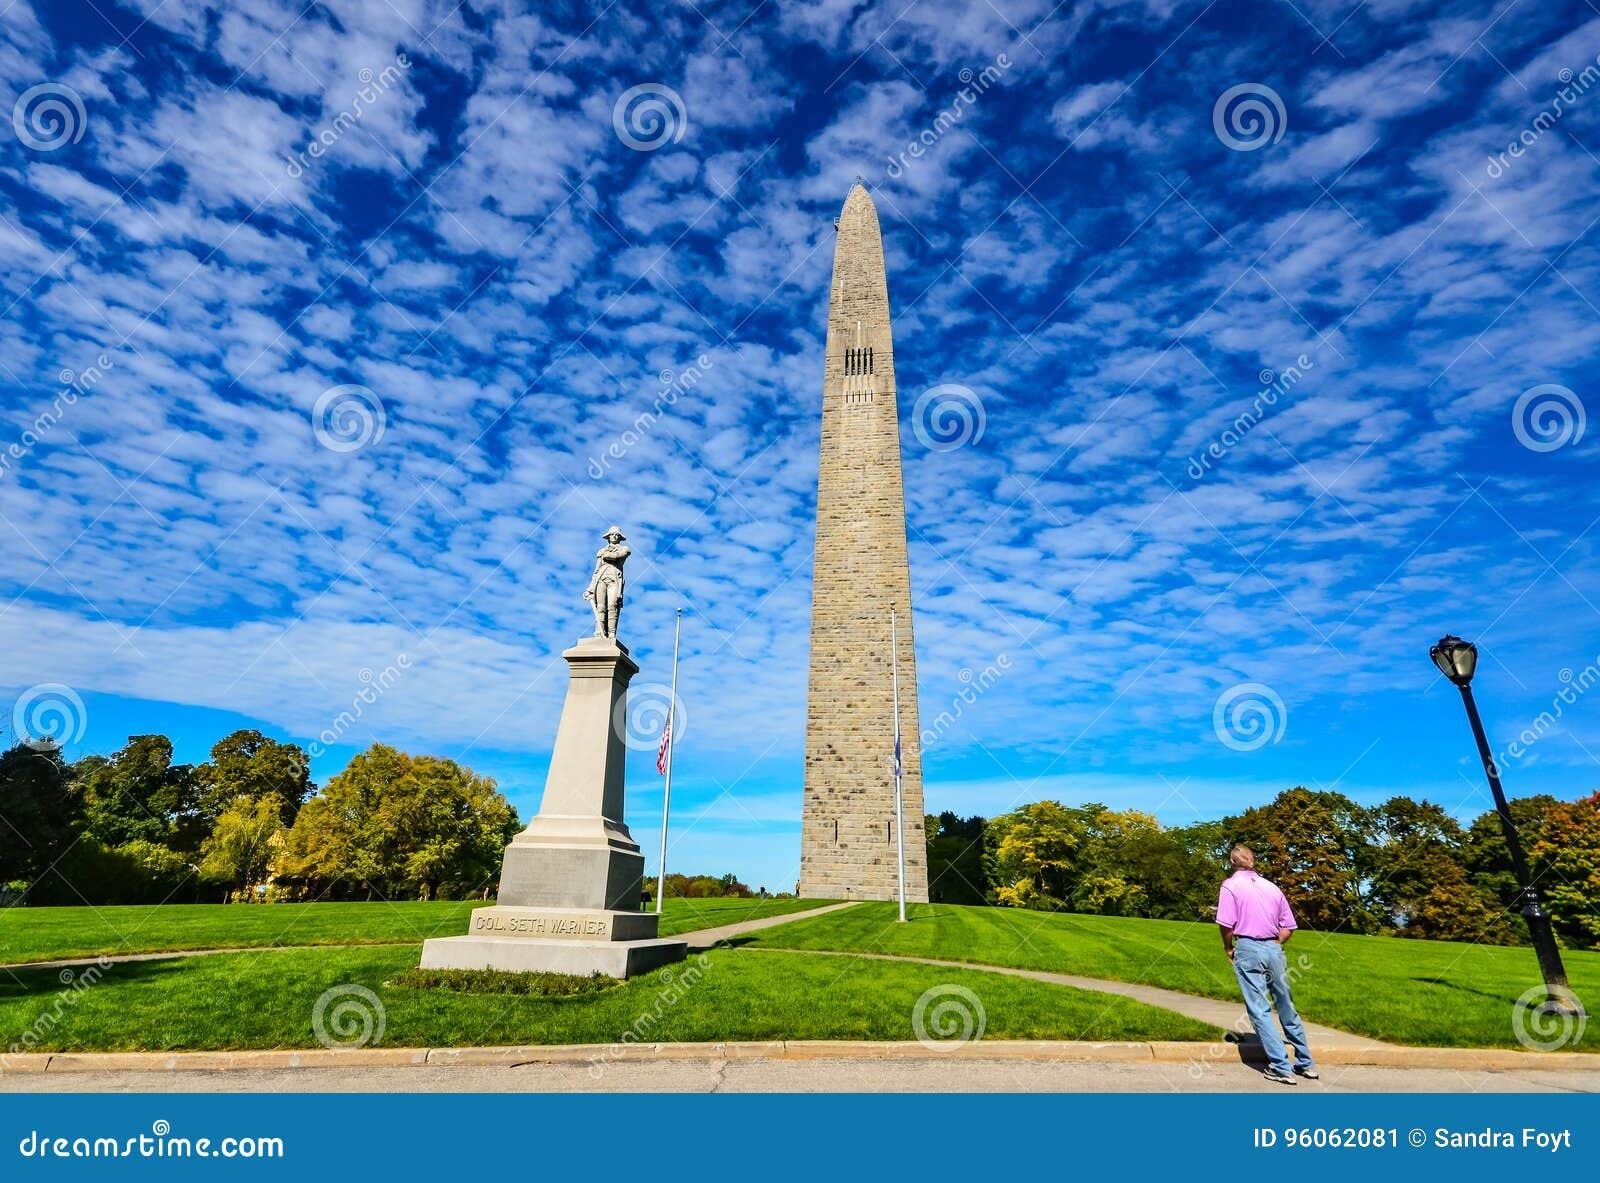 Le touriste regarde fixement le monument de bataille de Bennington - Bennington, VT